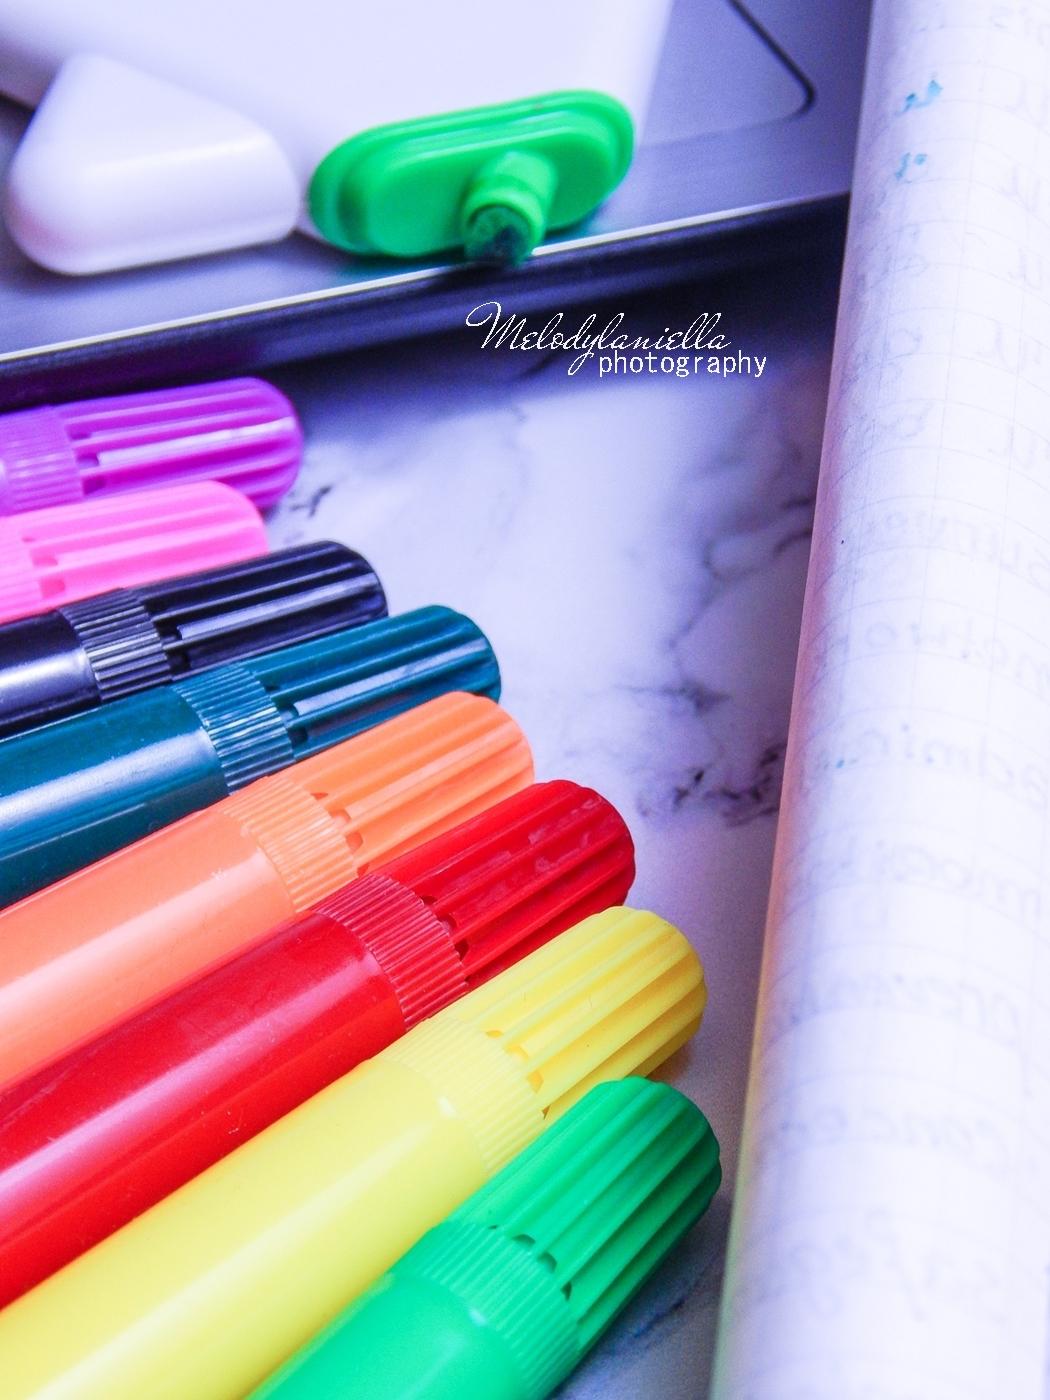 5 trzy sposoby na szybszą naukę języka angielskiego jak efektywnie uczyć się języków aplikacje do nauki angielskiego do nauki języków obcych duolingo książki ze słownikiem sherlock holmes